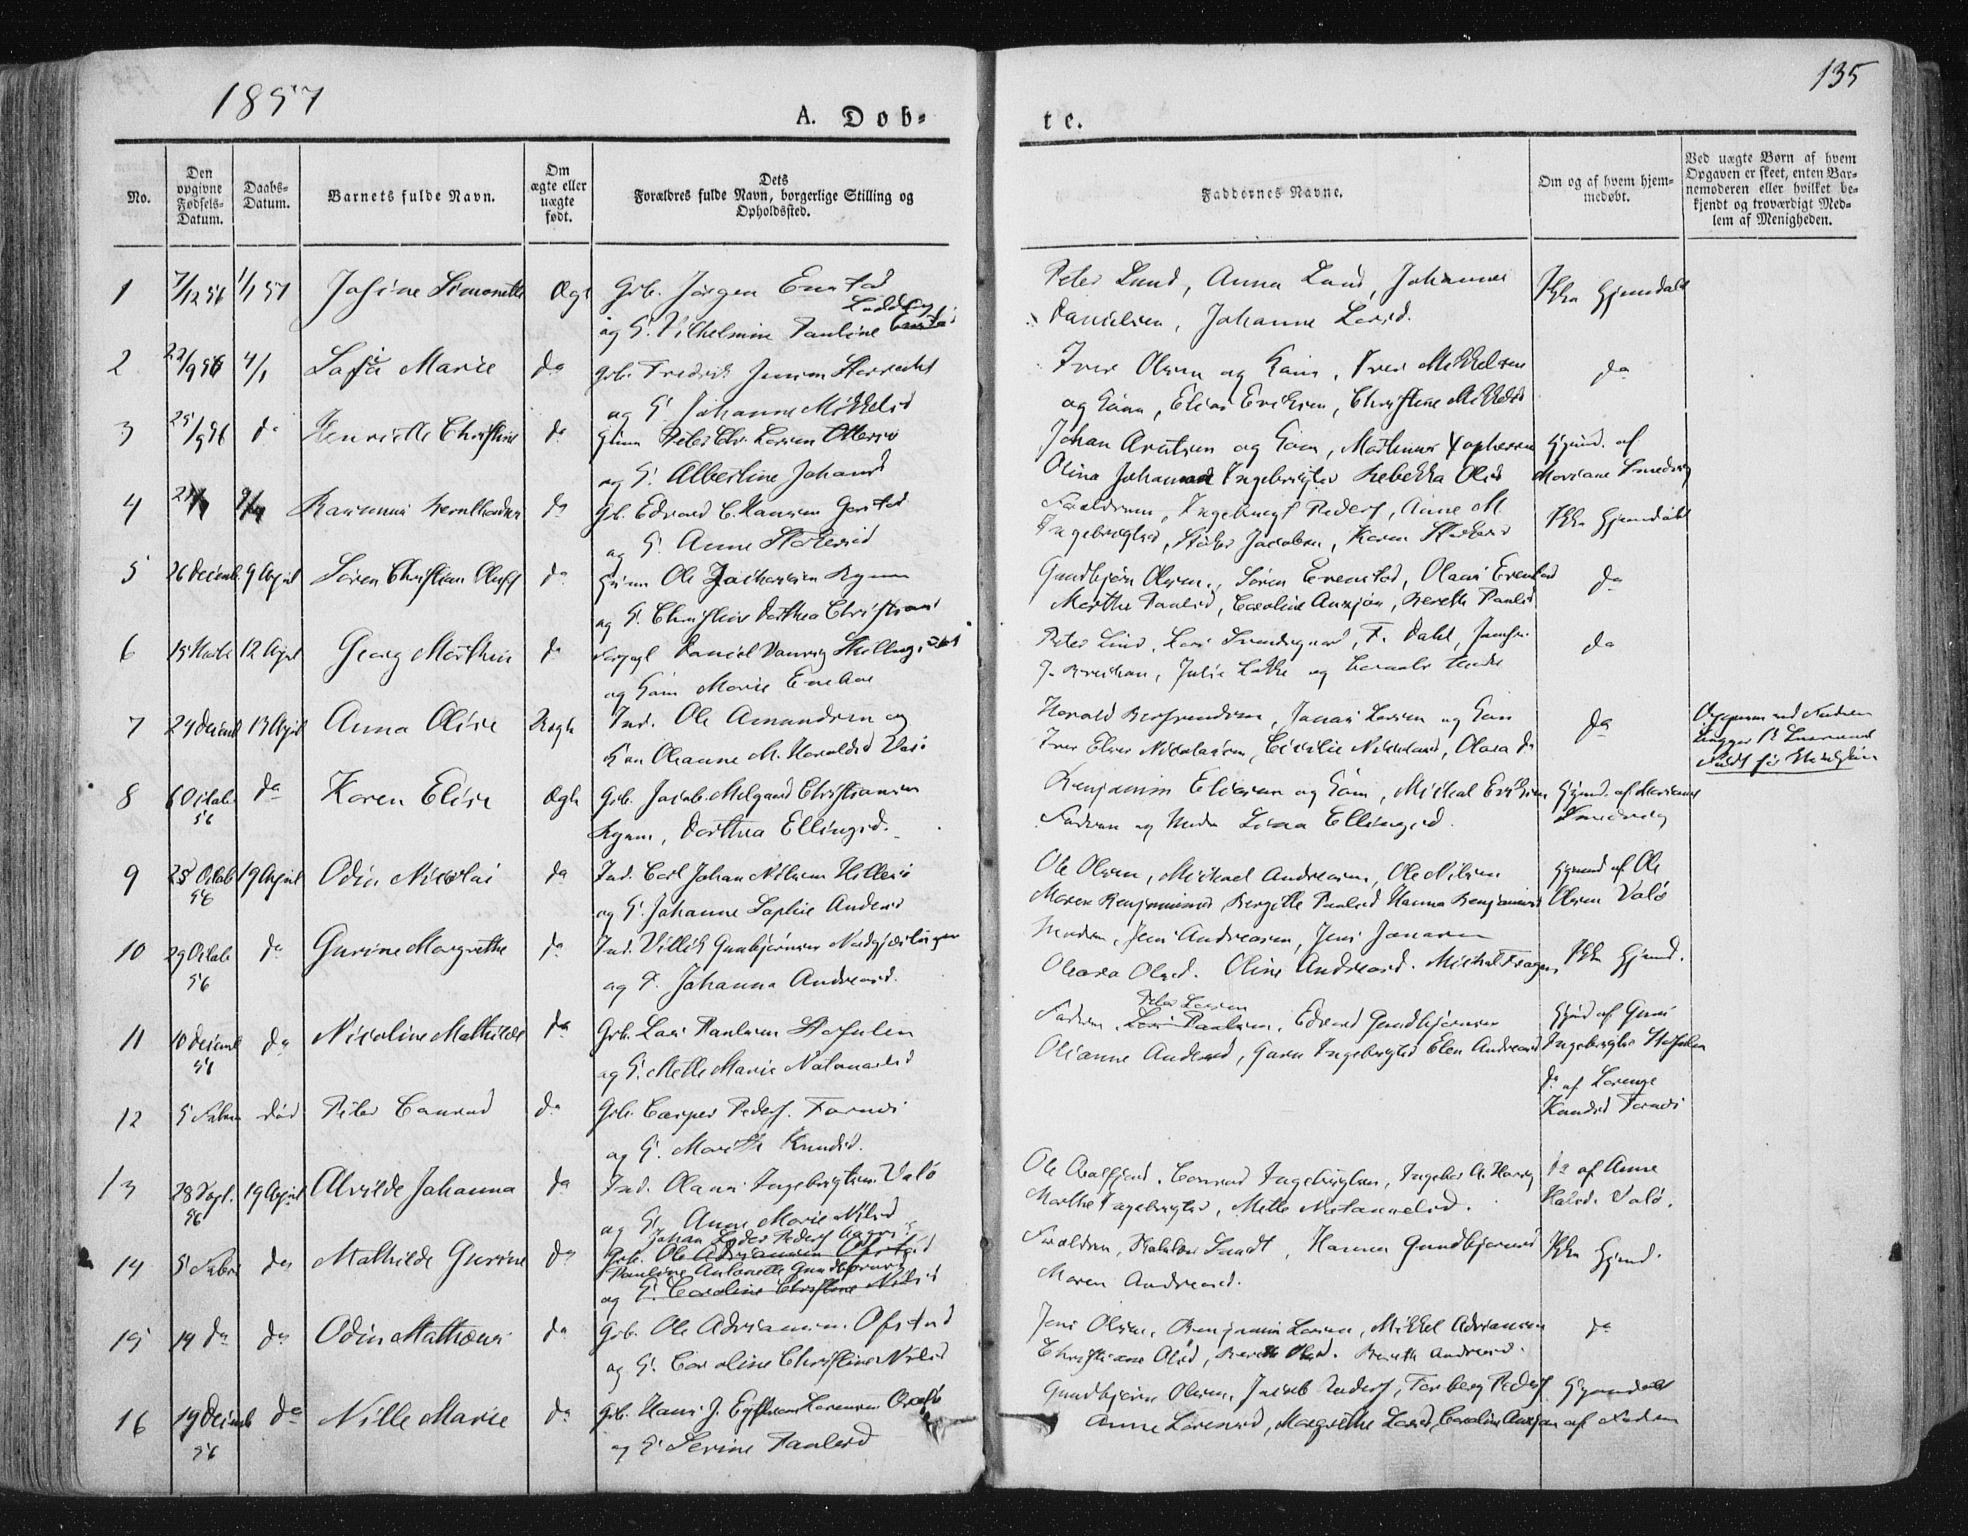 SAT, Ministerialprotokoller, klokkerbøker og fødselsregistre - Nord-Trøndelag, 784/L0669: Ministerialbok nr. 784A04, 1829-1859, s. 135